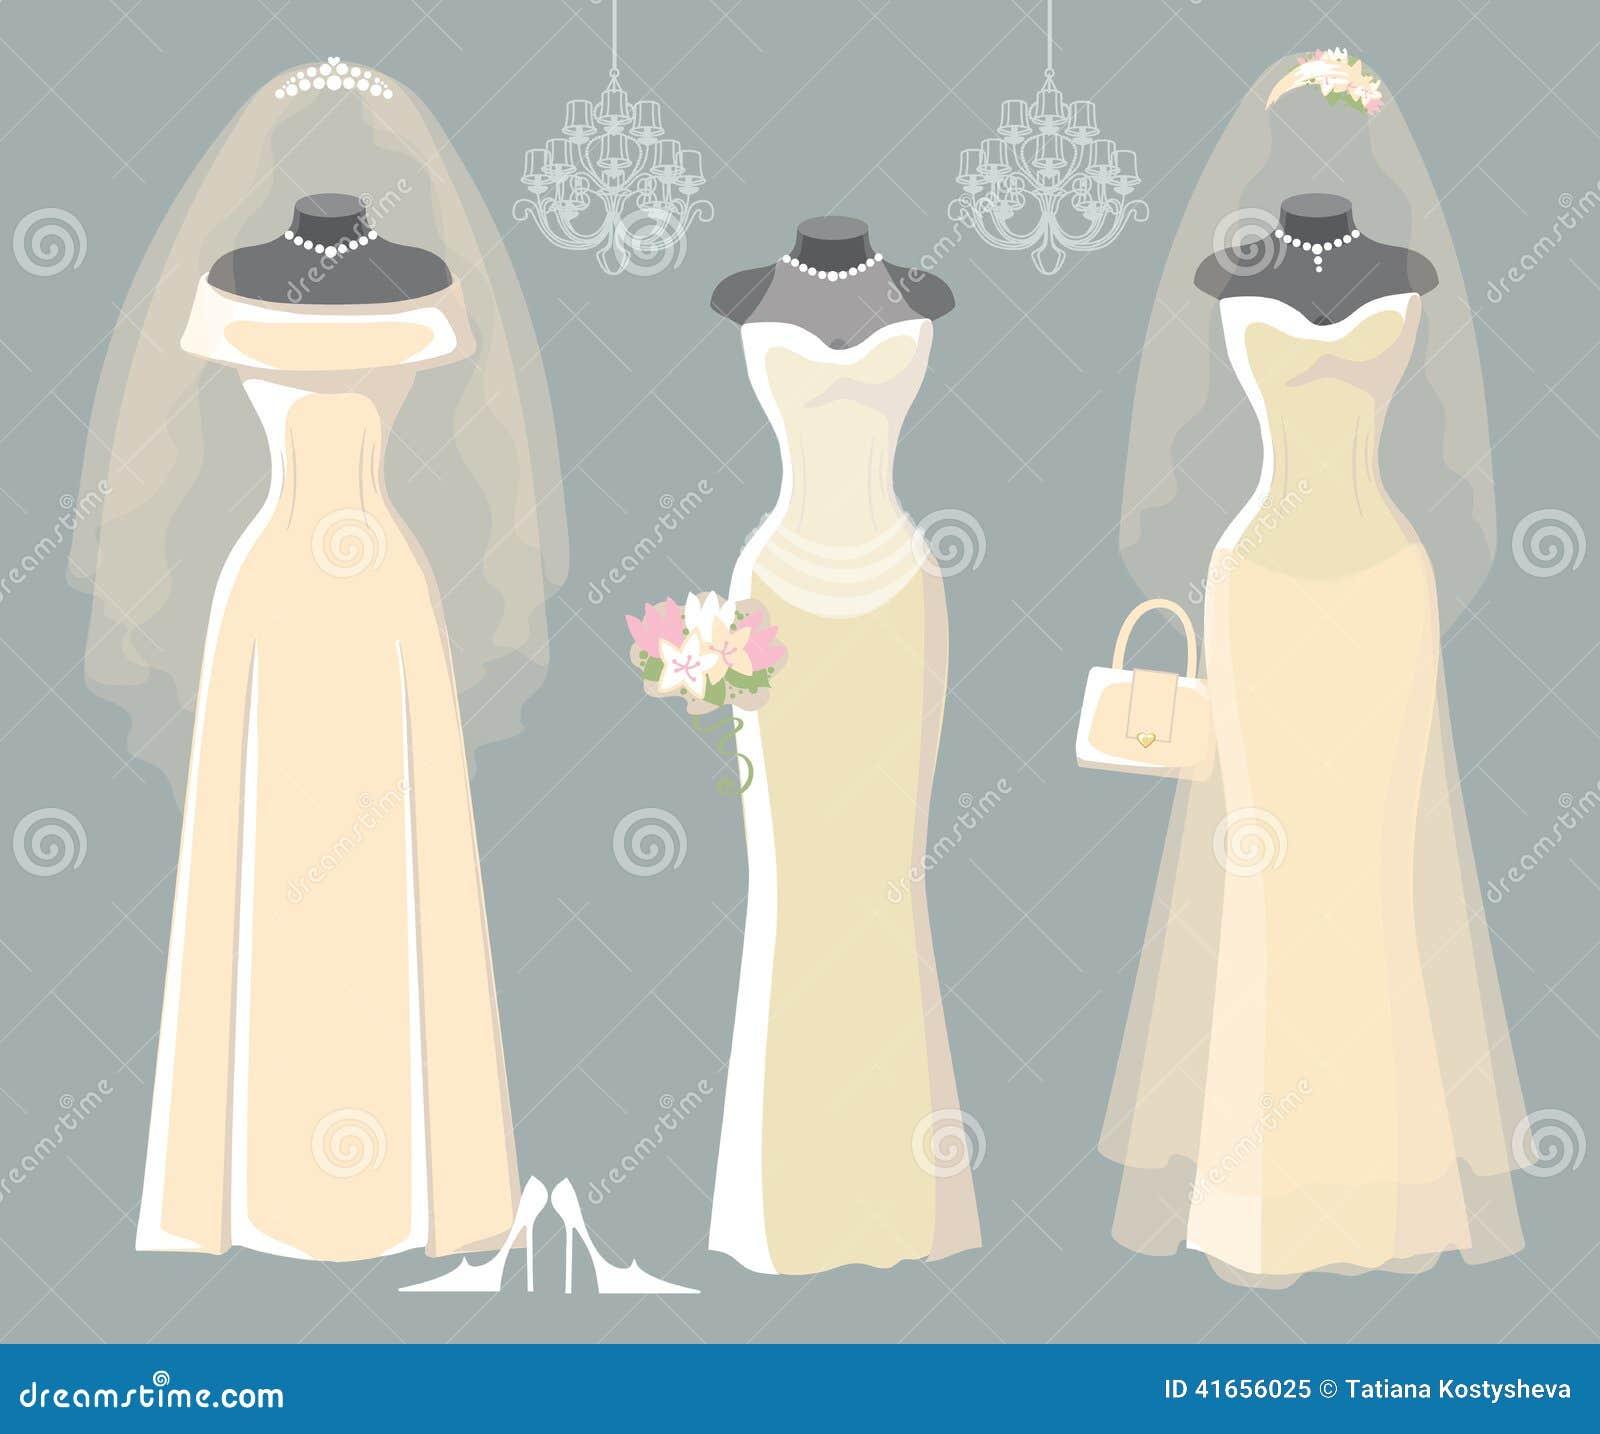 Комплект 3 wedding длинных платьев